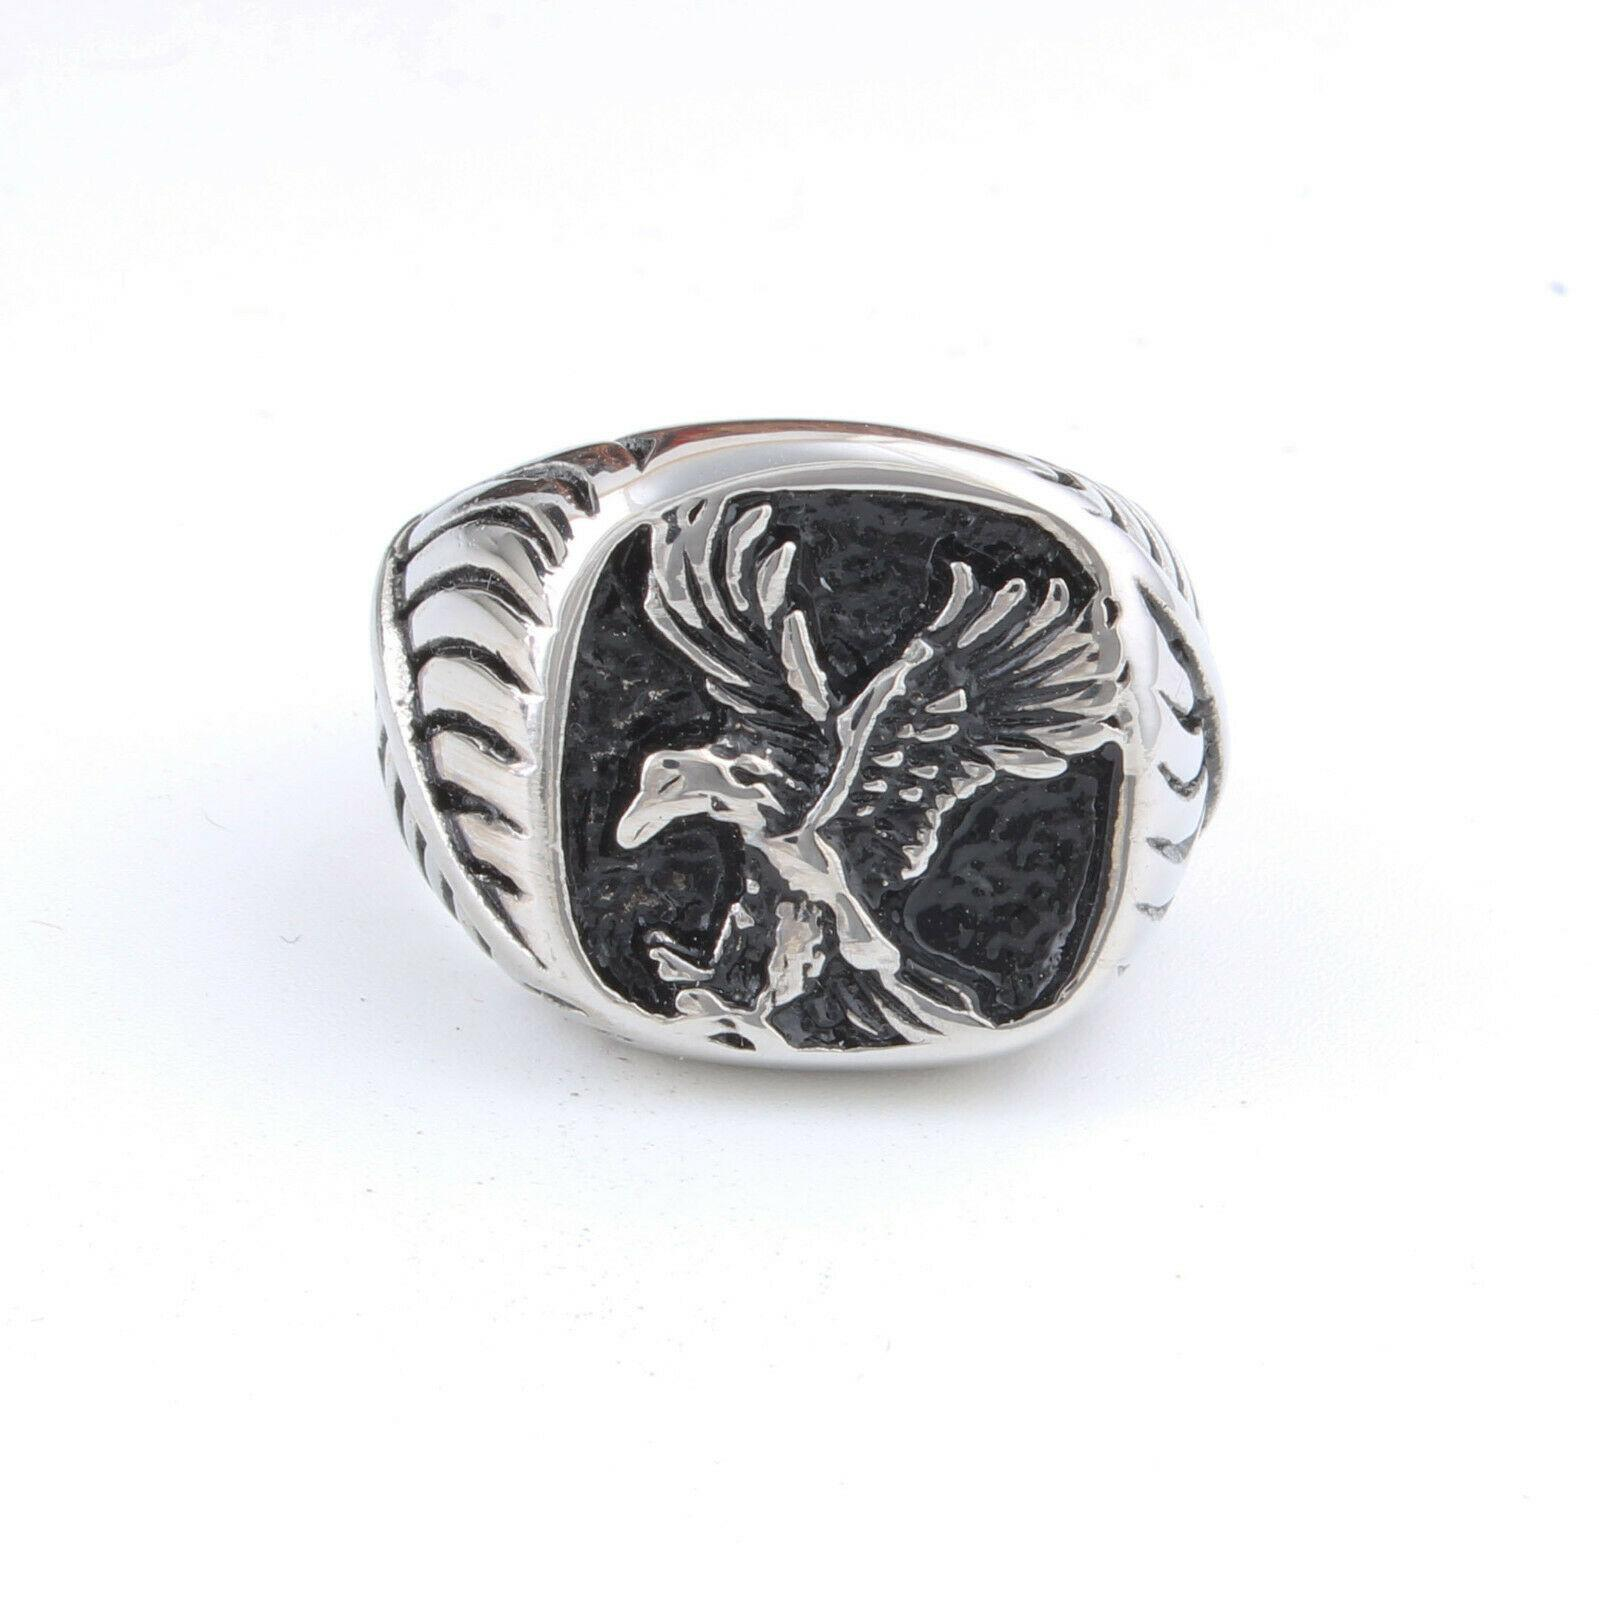 Moda maschio freddo punk in acciaio inox aquila Biker anello